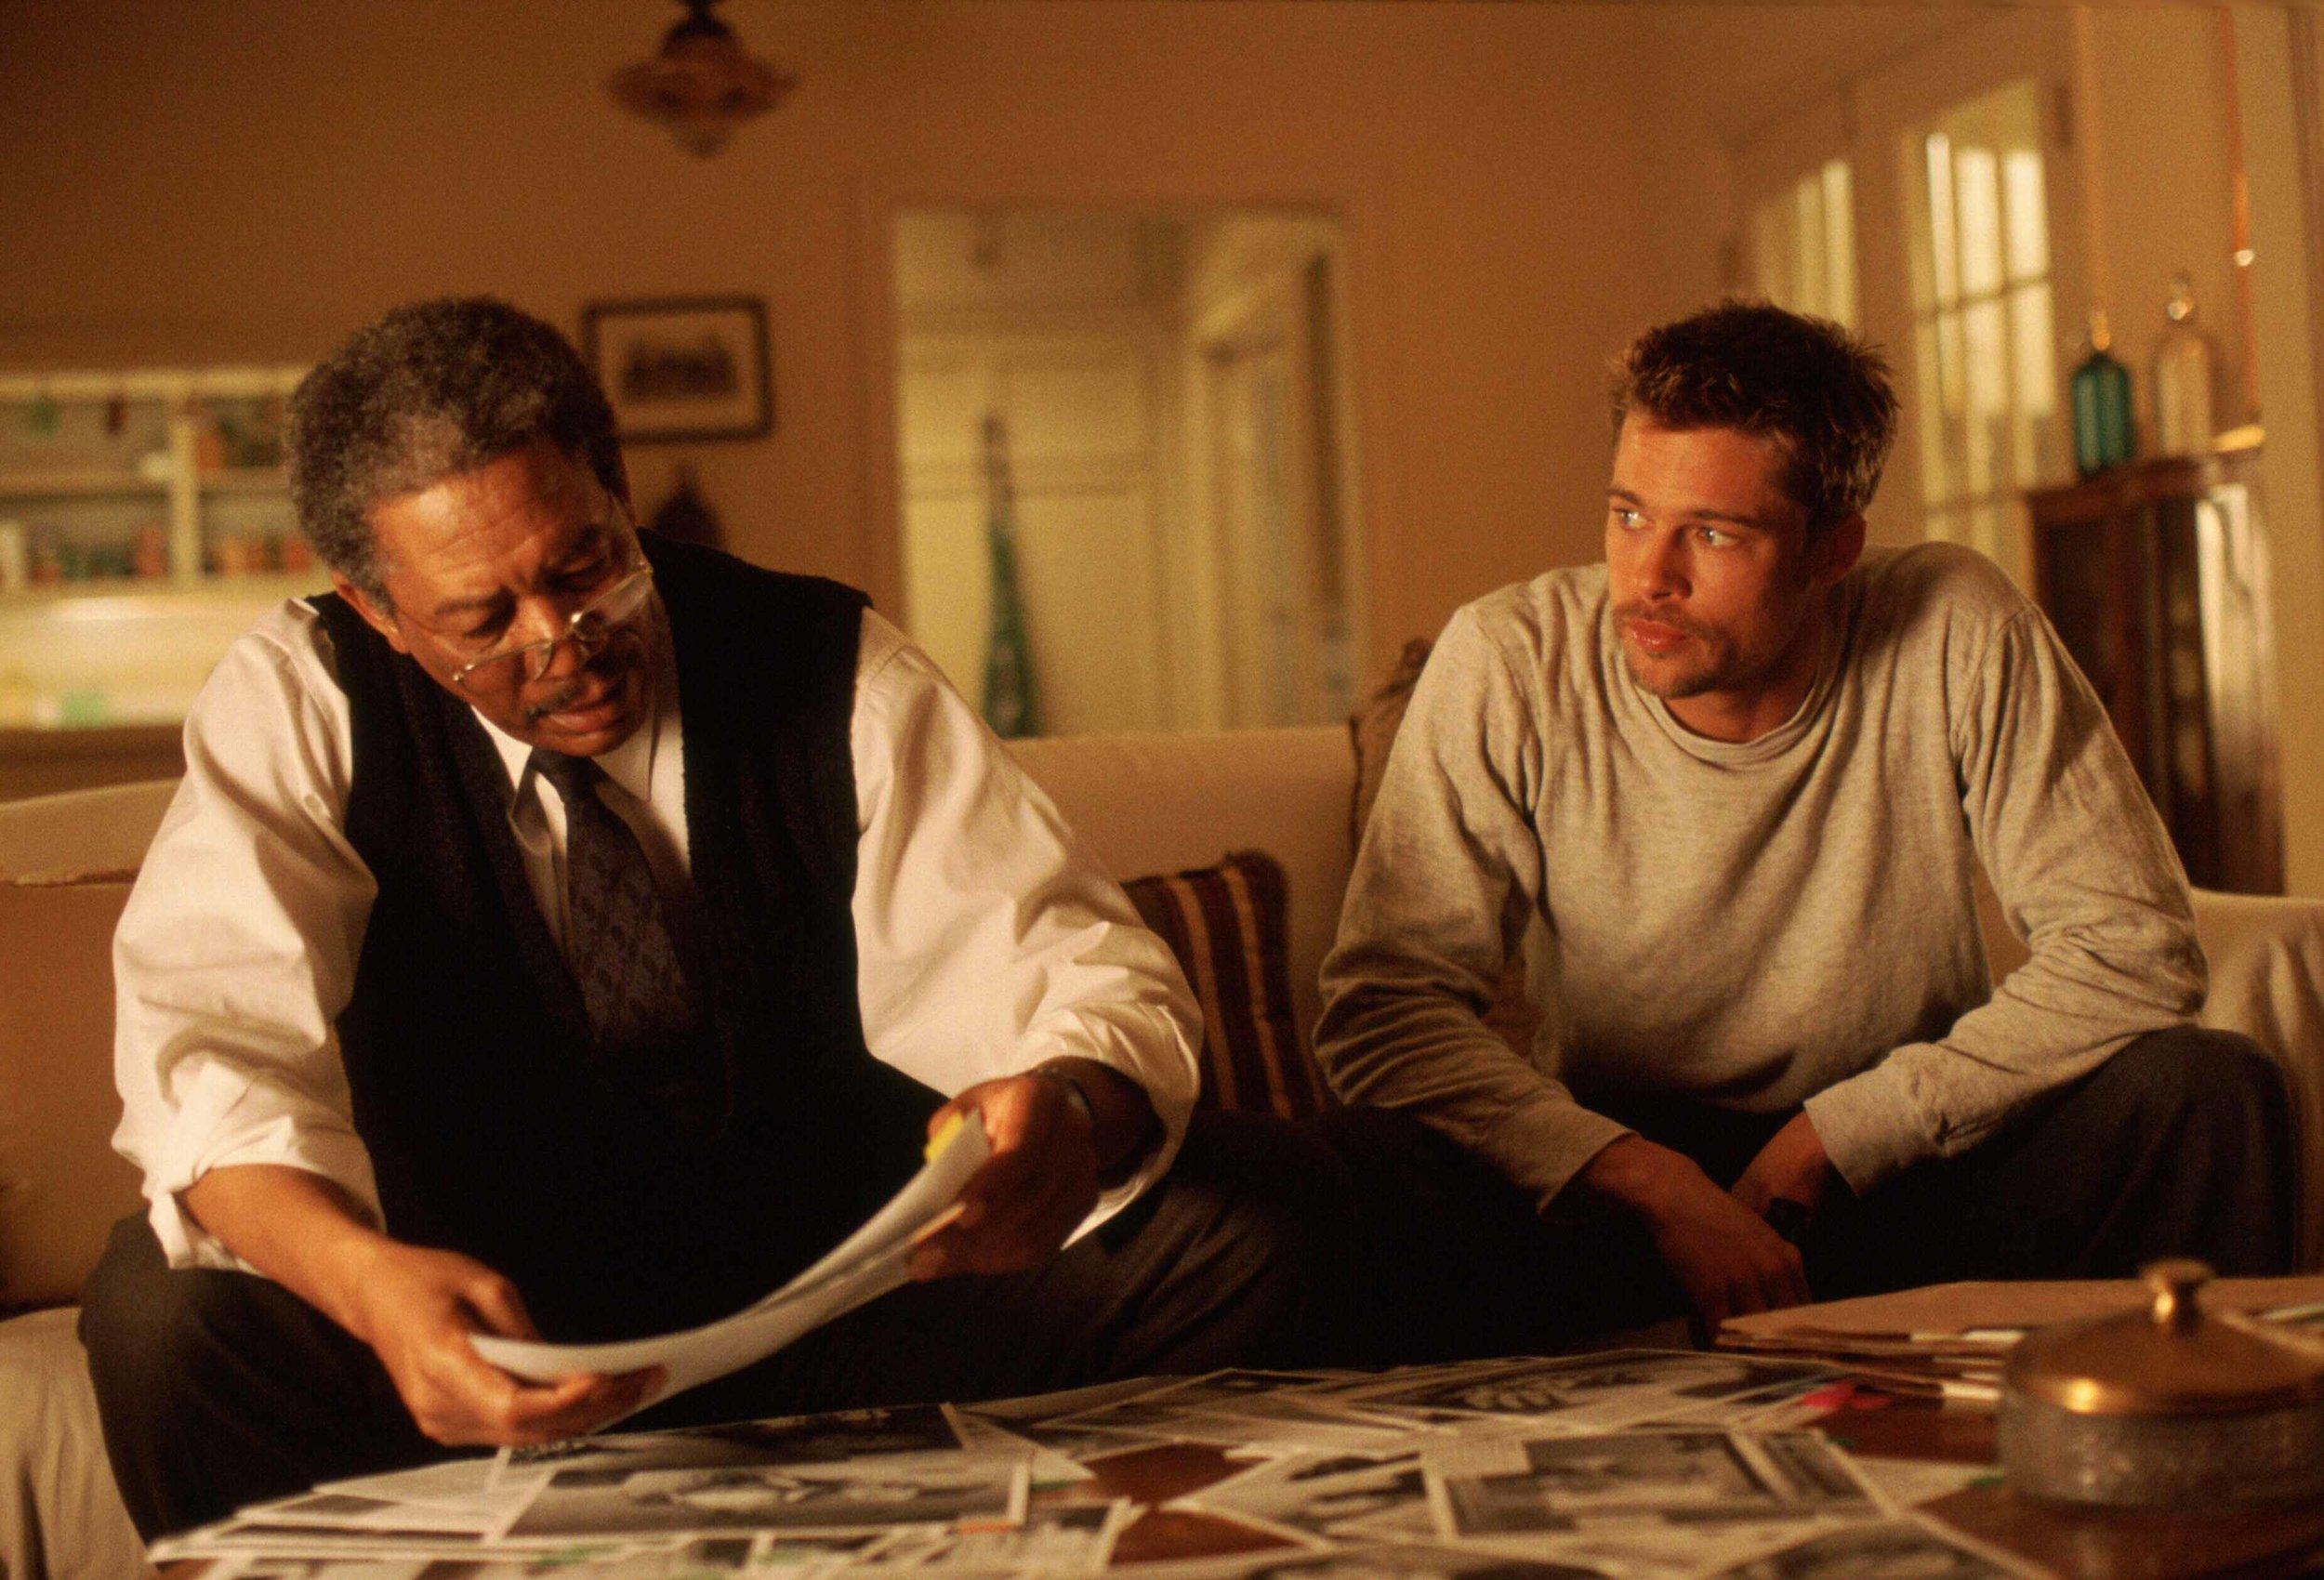 Se7en (1995) - Directed by: David FincherWritten by: Andrew Kevin Walker